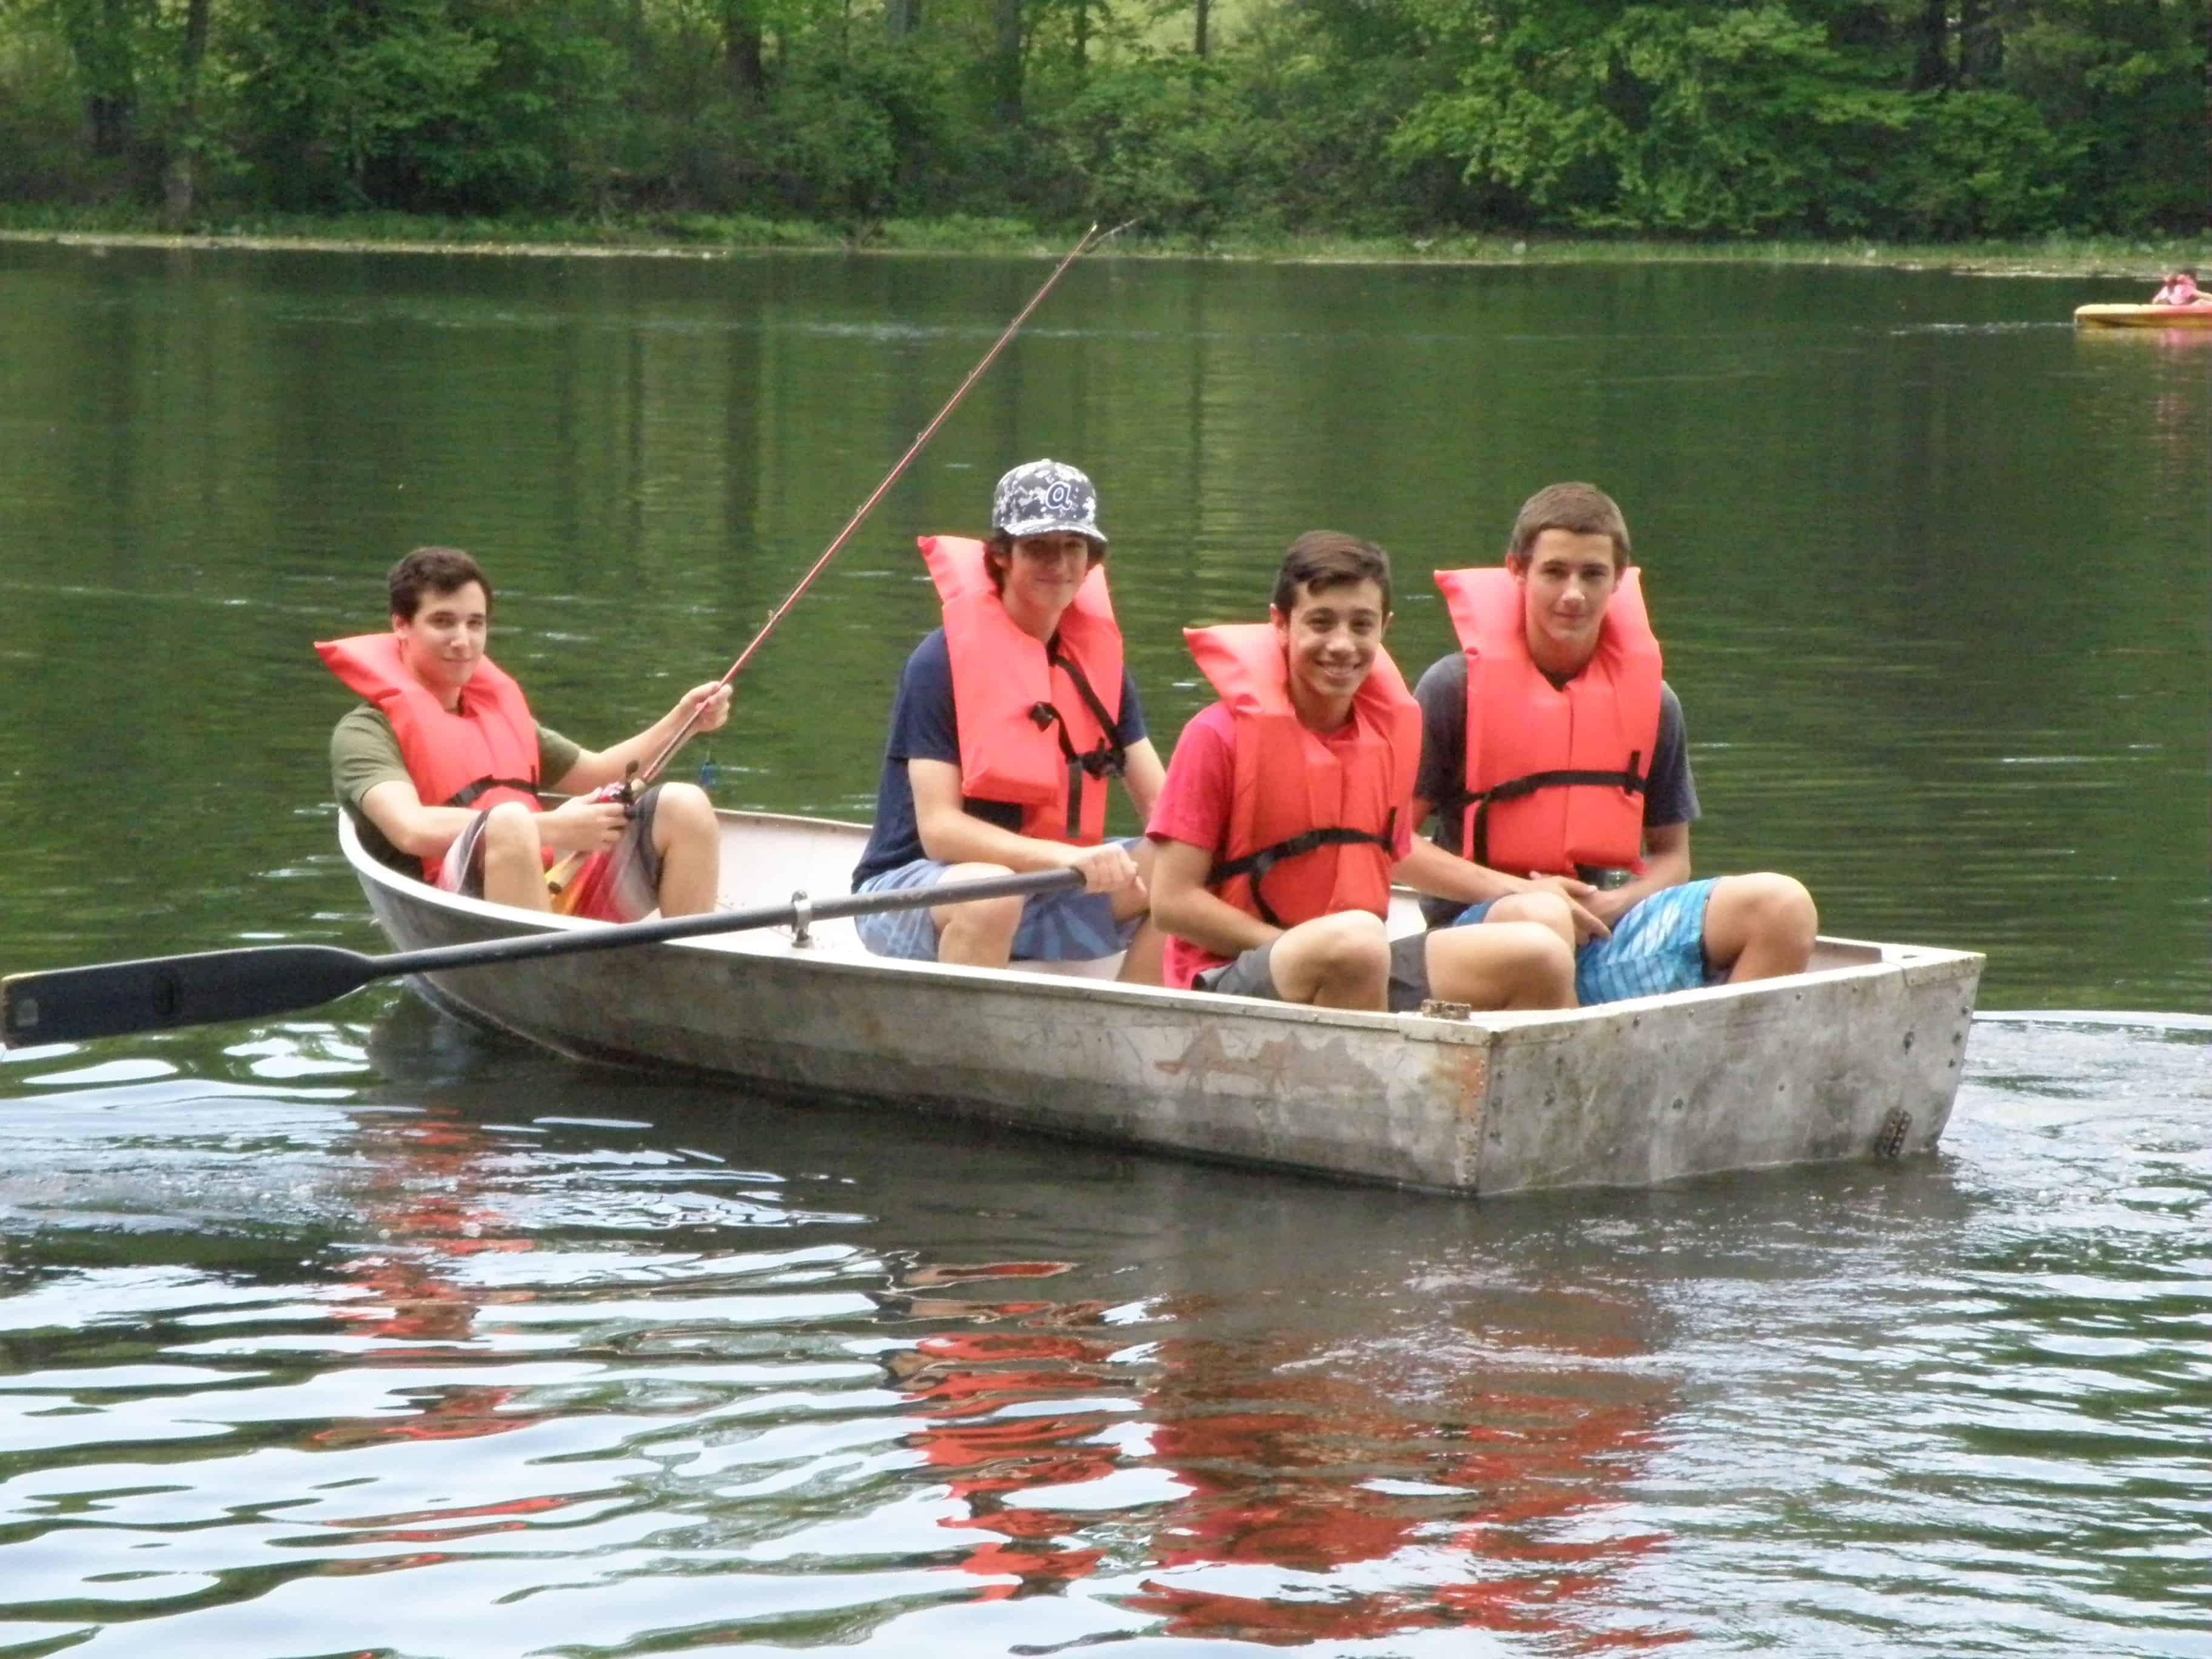 Four boys on a row boat